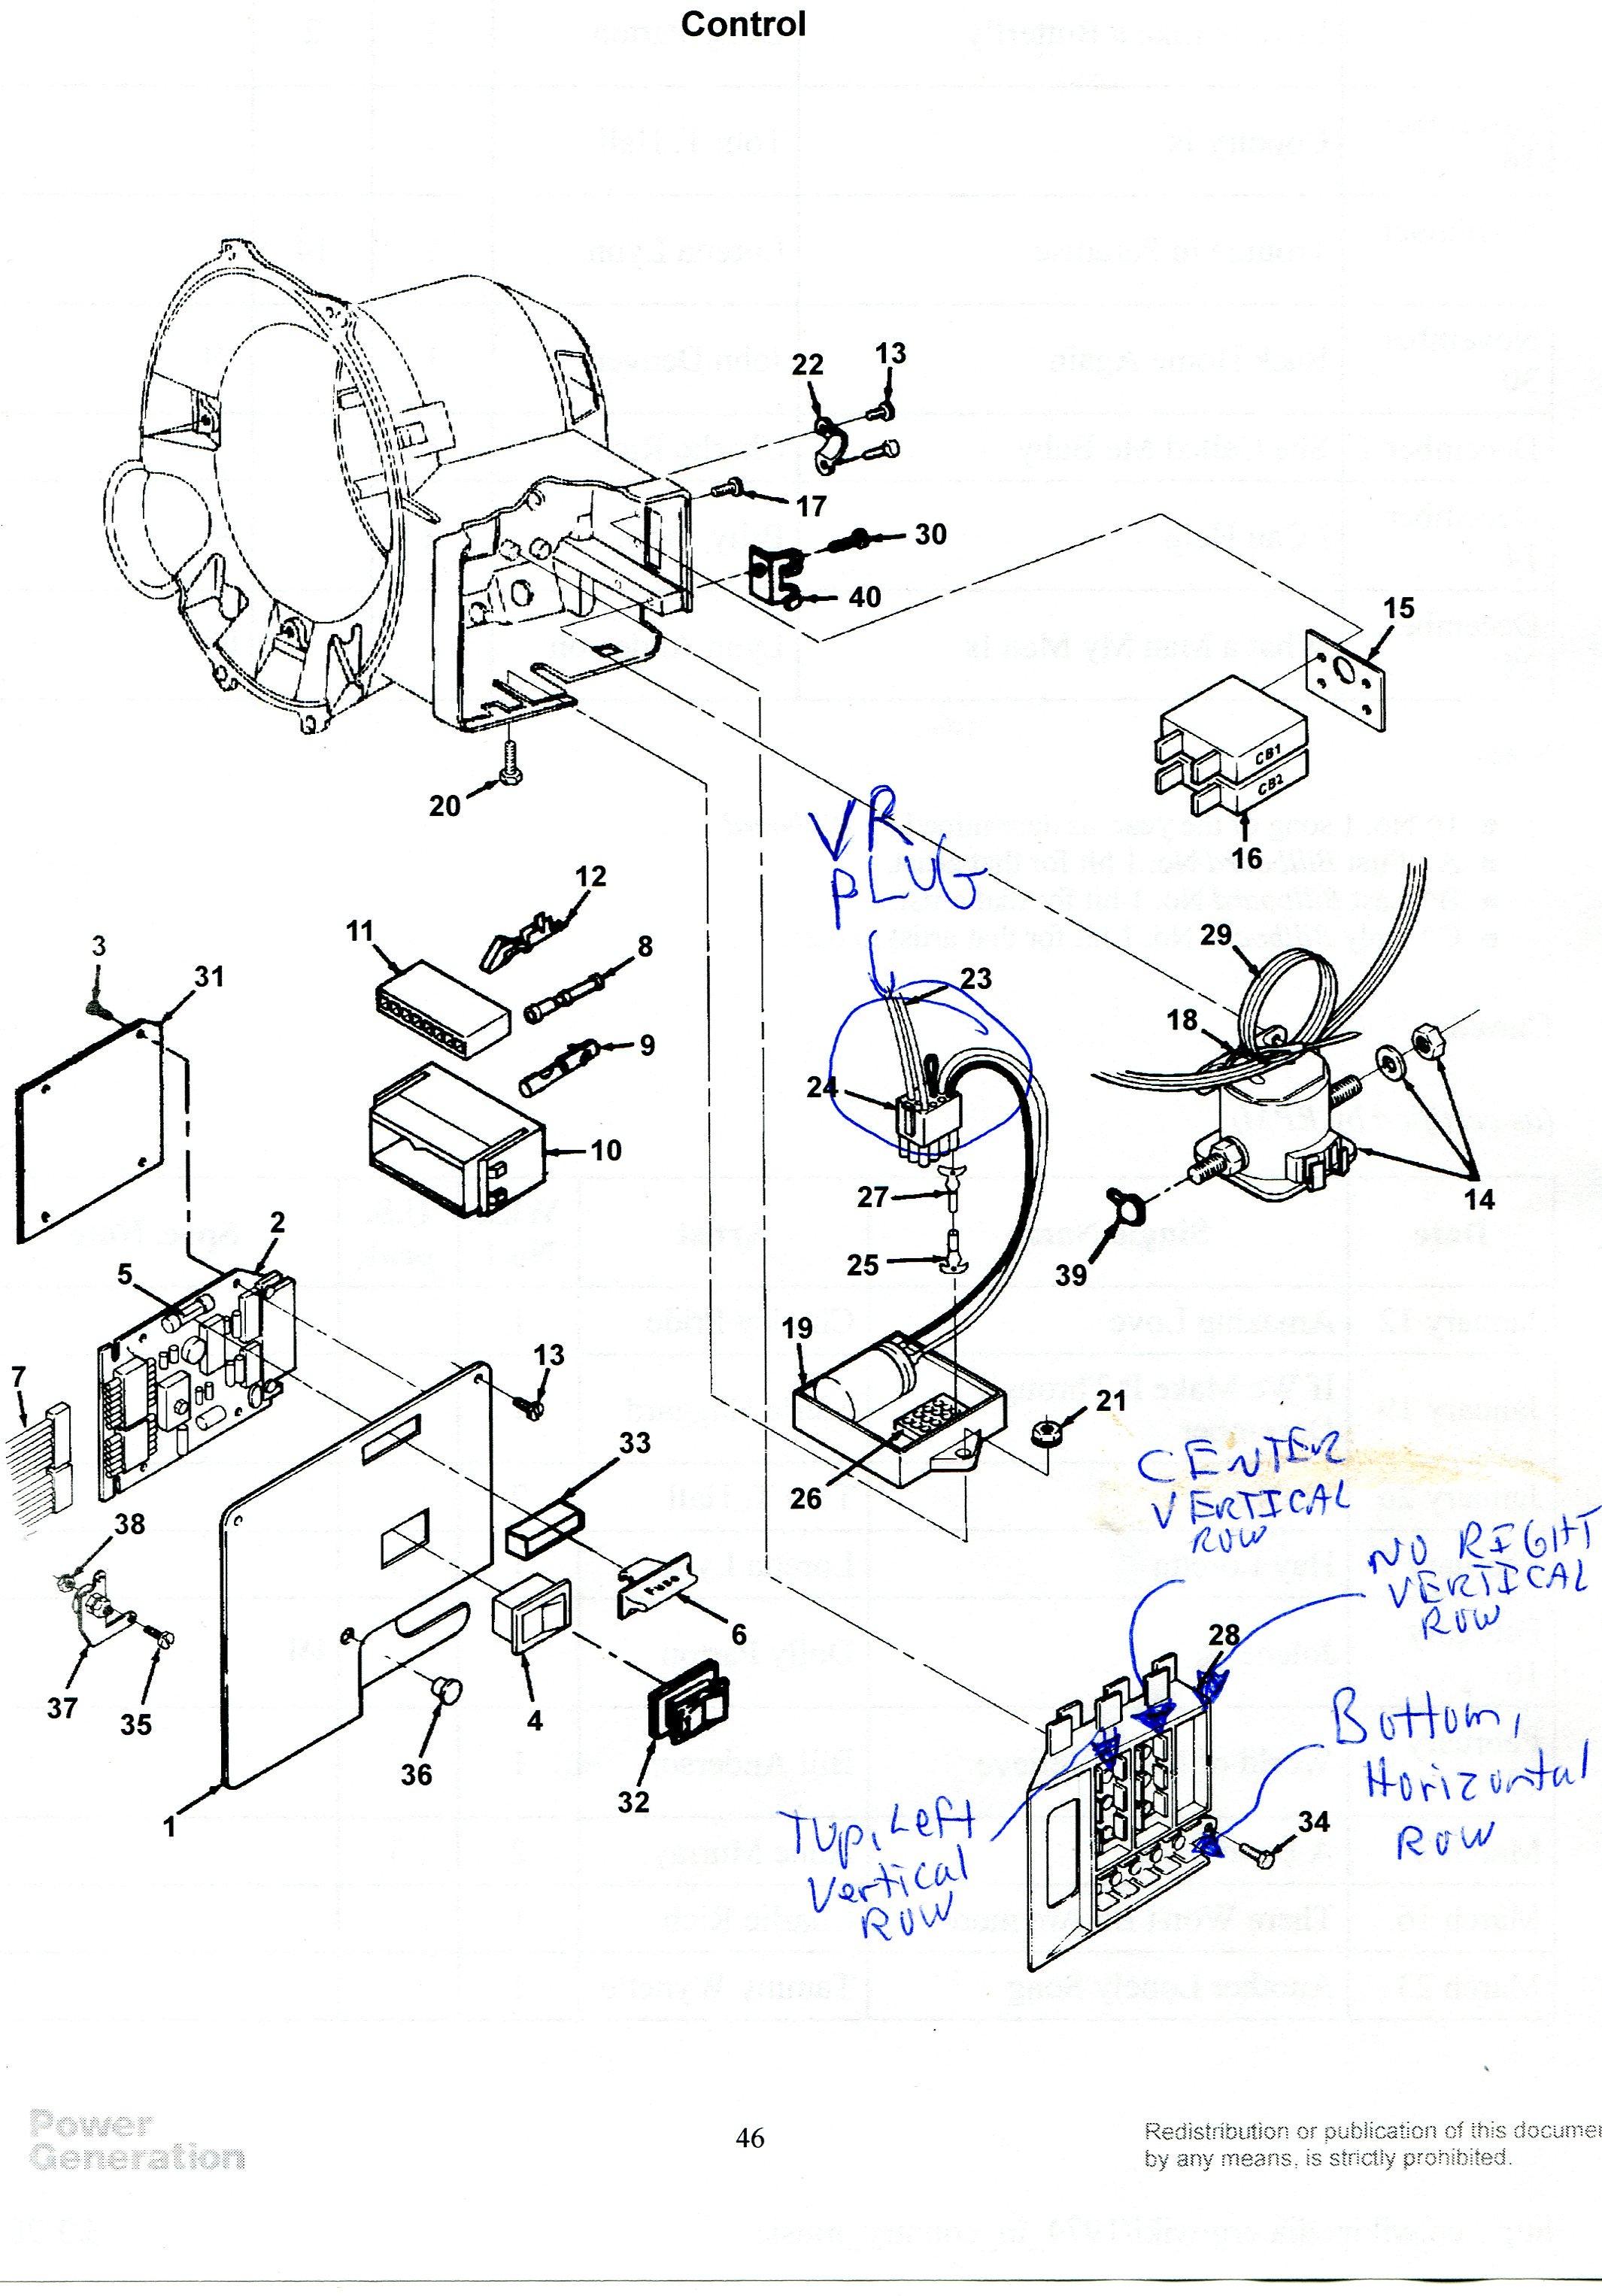 Fabulous Onan Pump Diagrams Electrical Wiring Diagram Symbols Wiring Cloud Monangrecoveryedborg